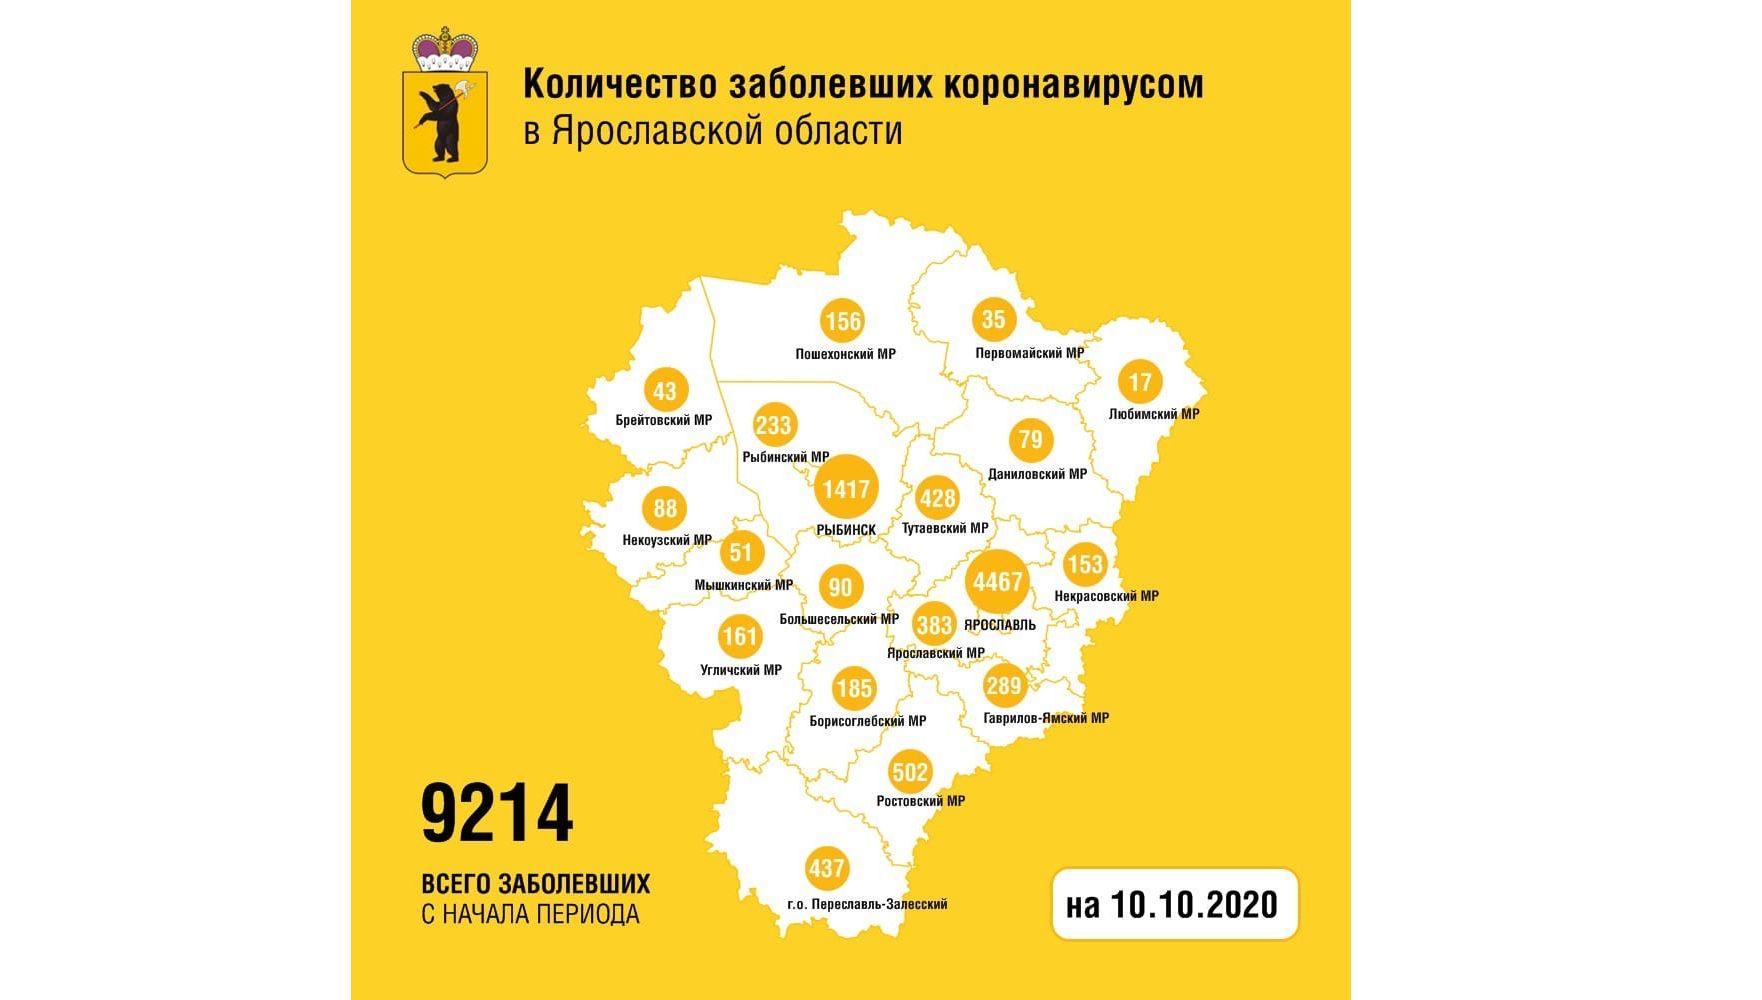 Еще 109 жителей Ярославской области вылечили от коронавируса